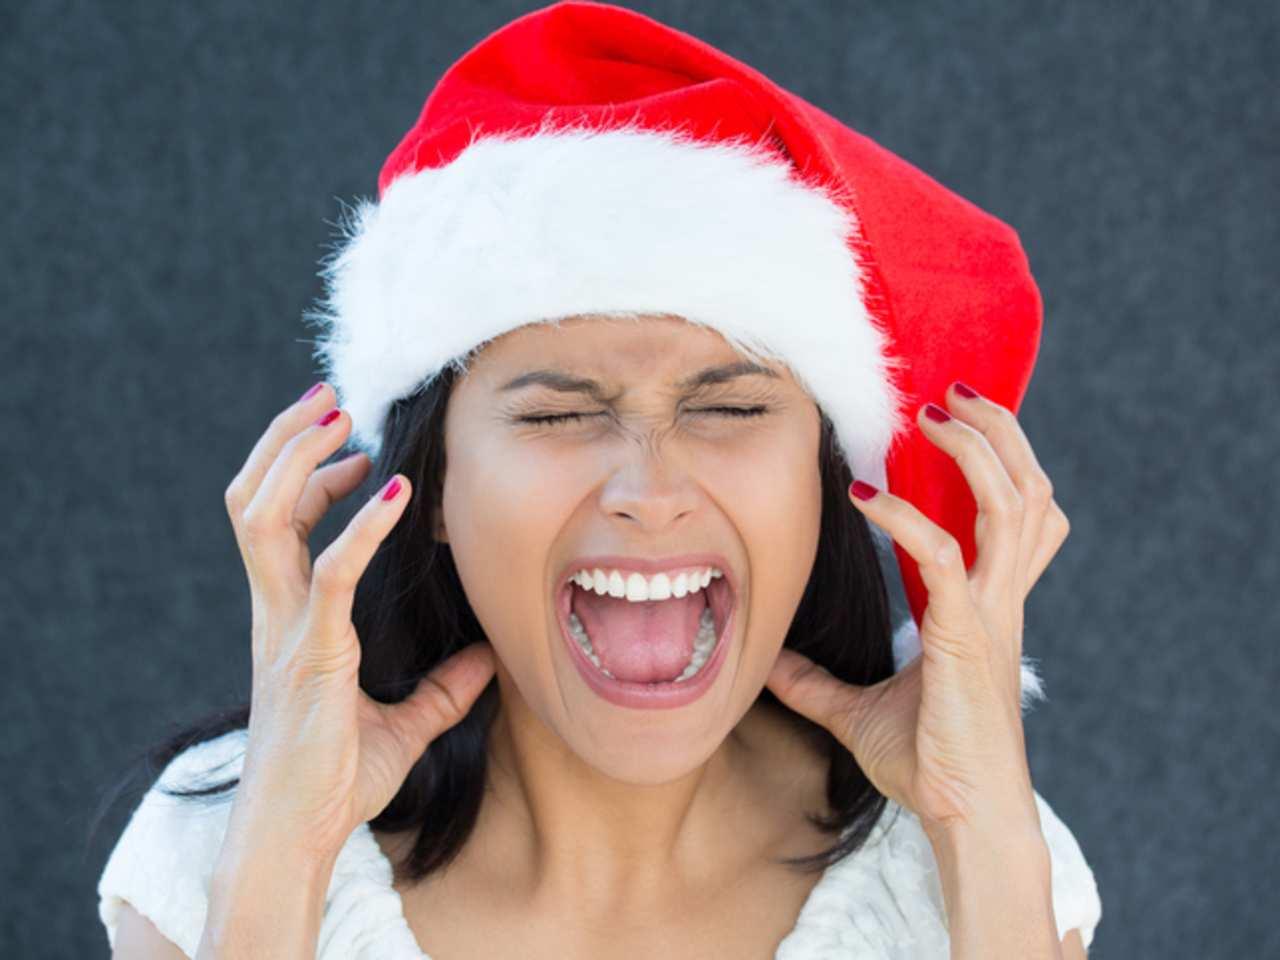 Das beste schlimme Weihnachtsgeschenk